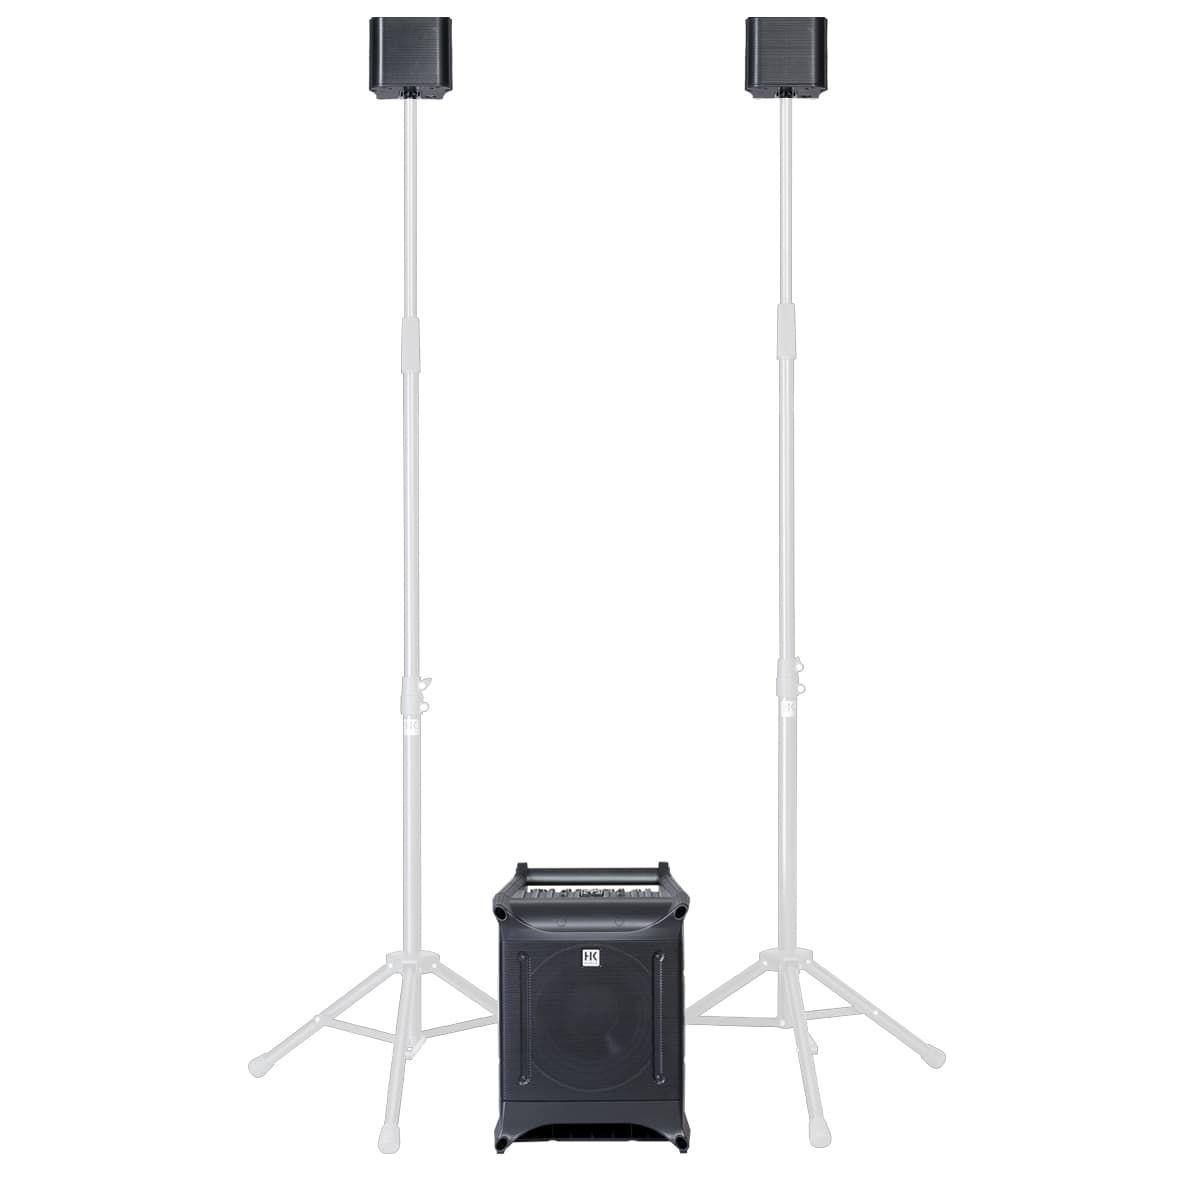 HK Audio LUCAS Nano 305 FX aktives Portables Stereo PA-Boxensystem